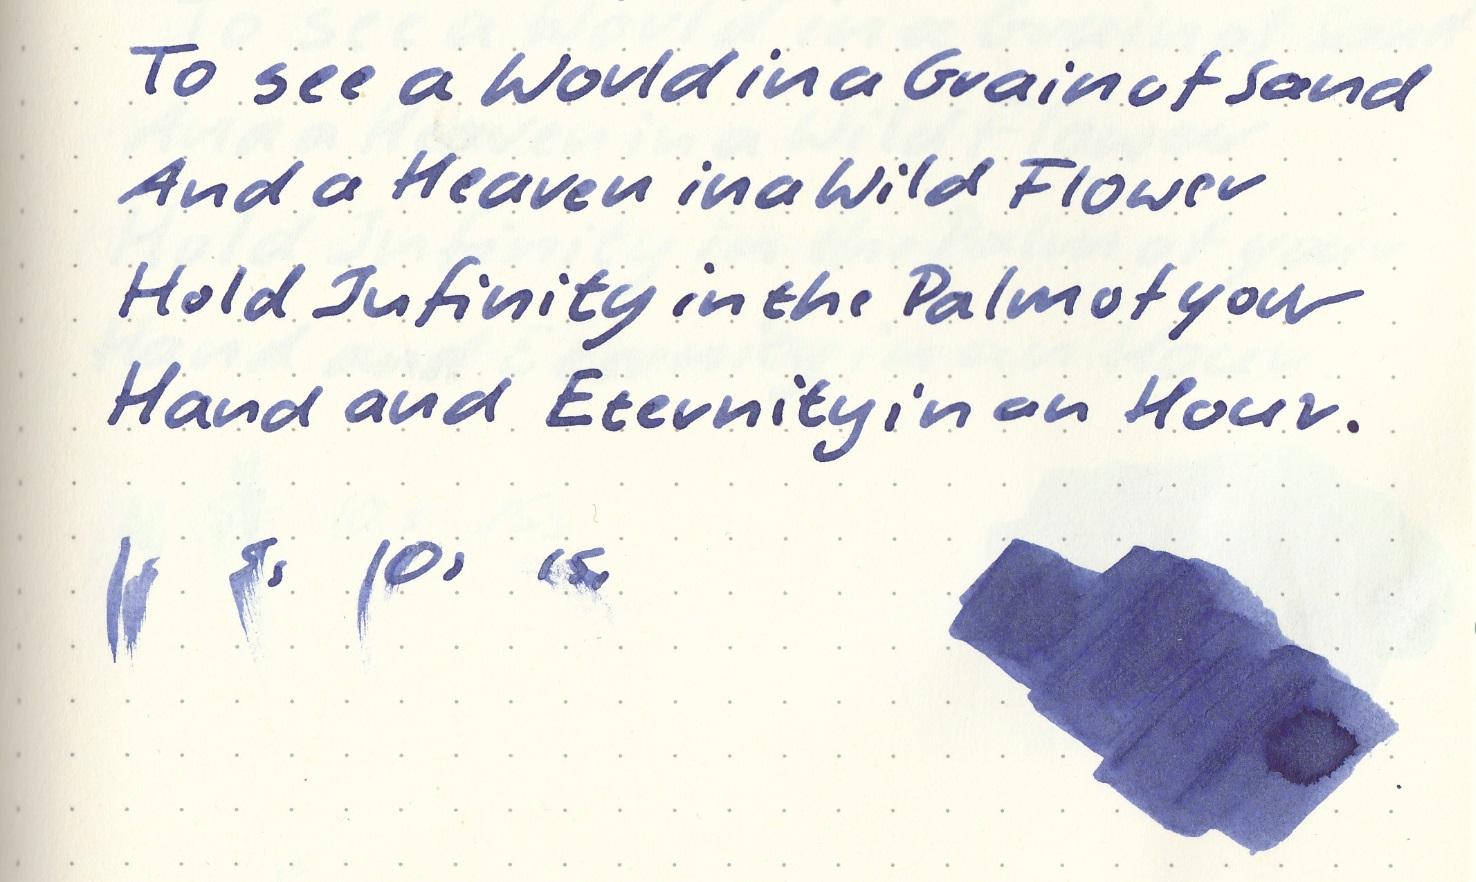 fpn_1450796142__dunkel_rk_leuchtturm_1.j